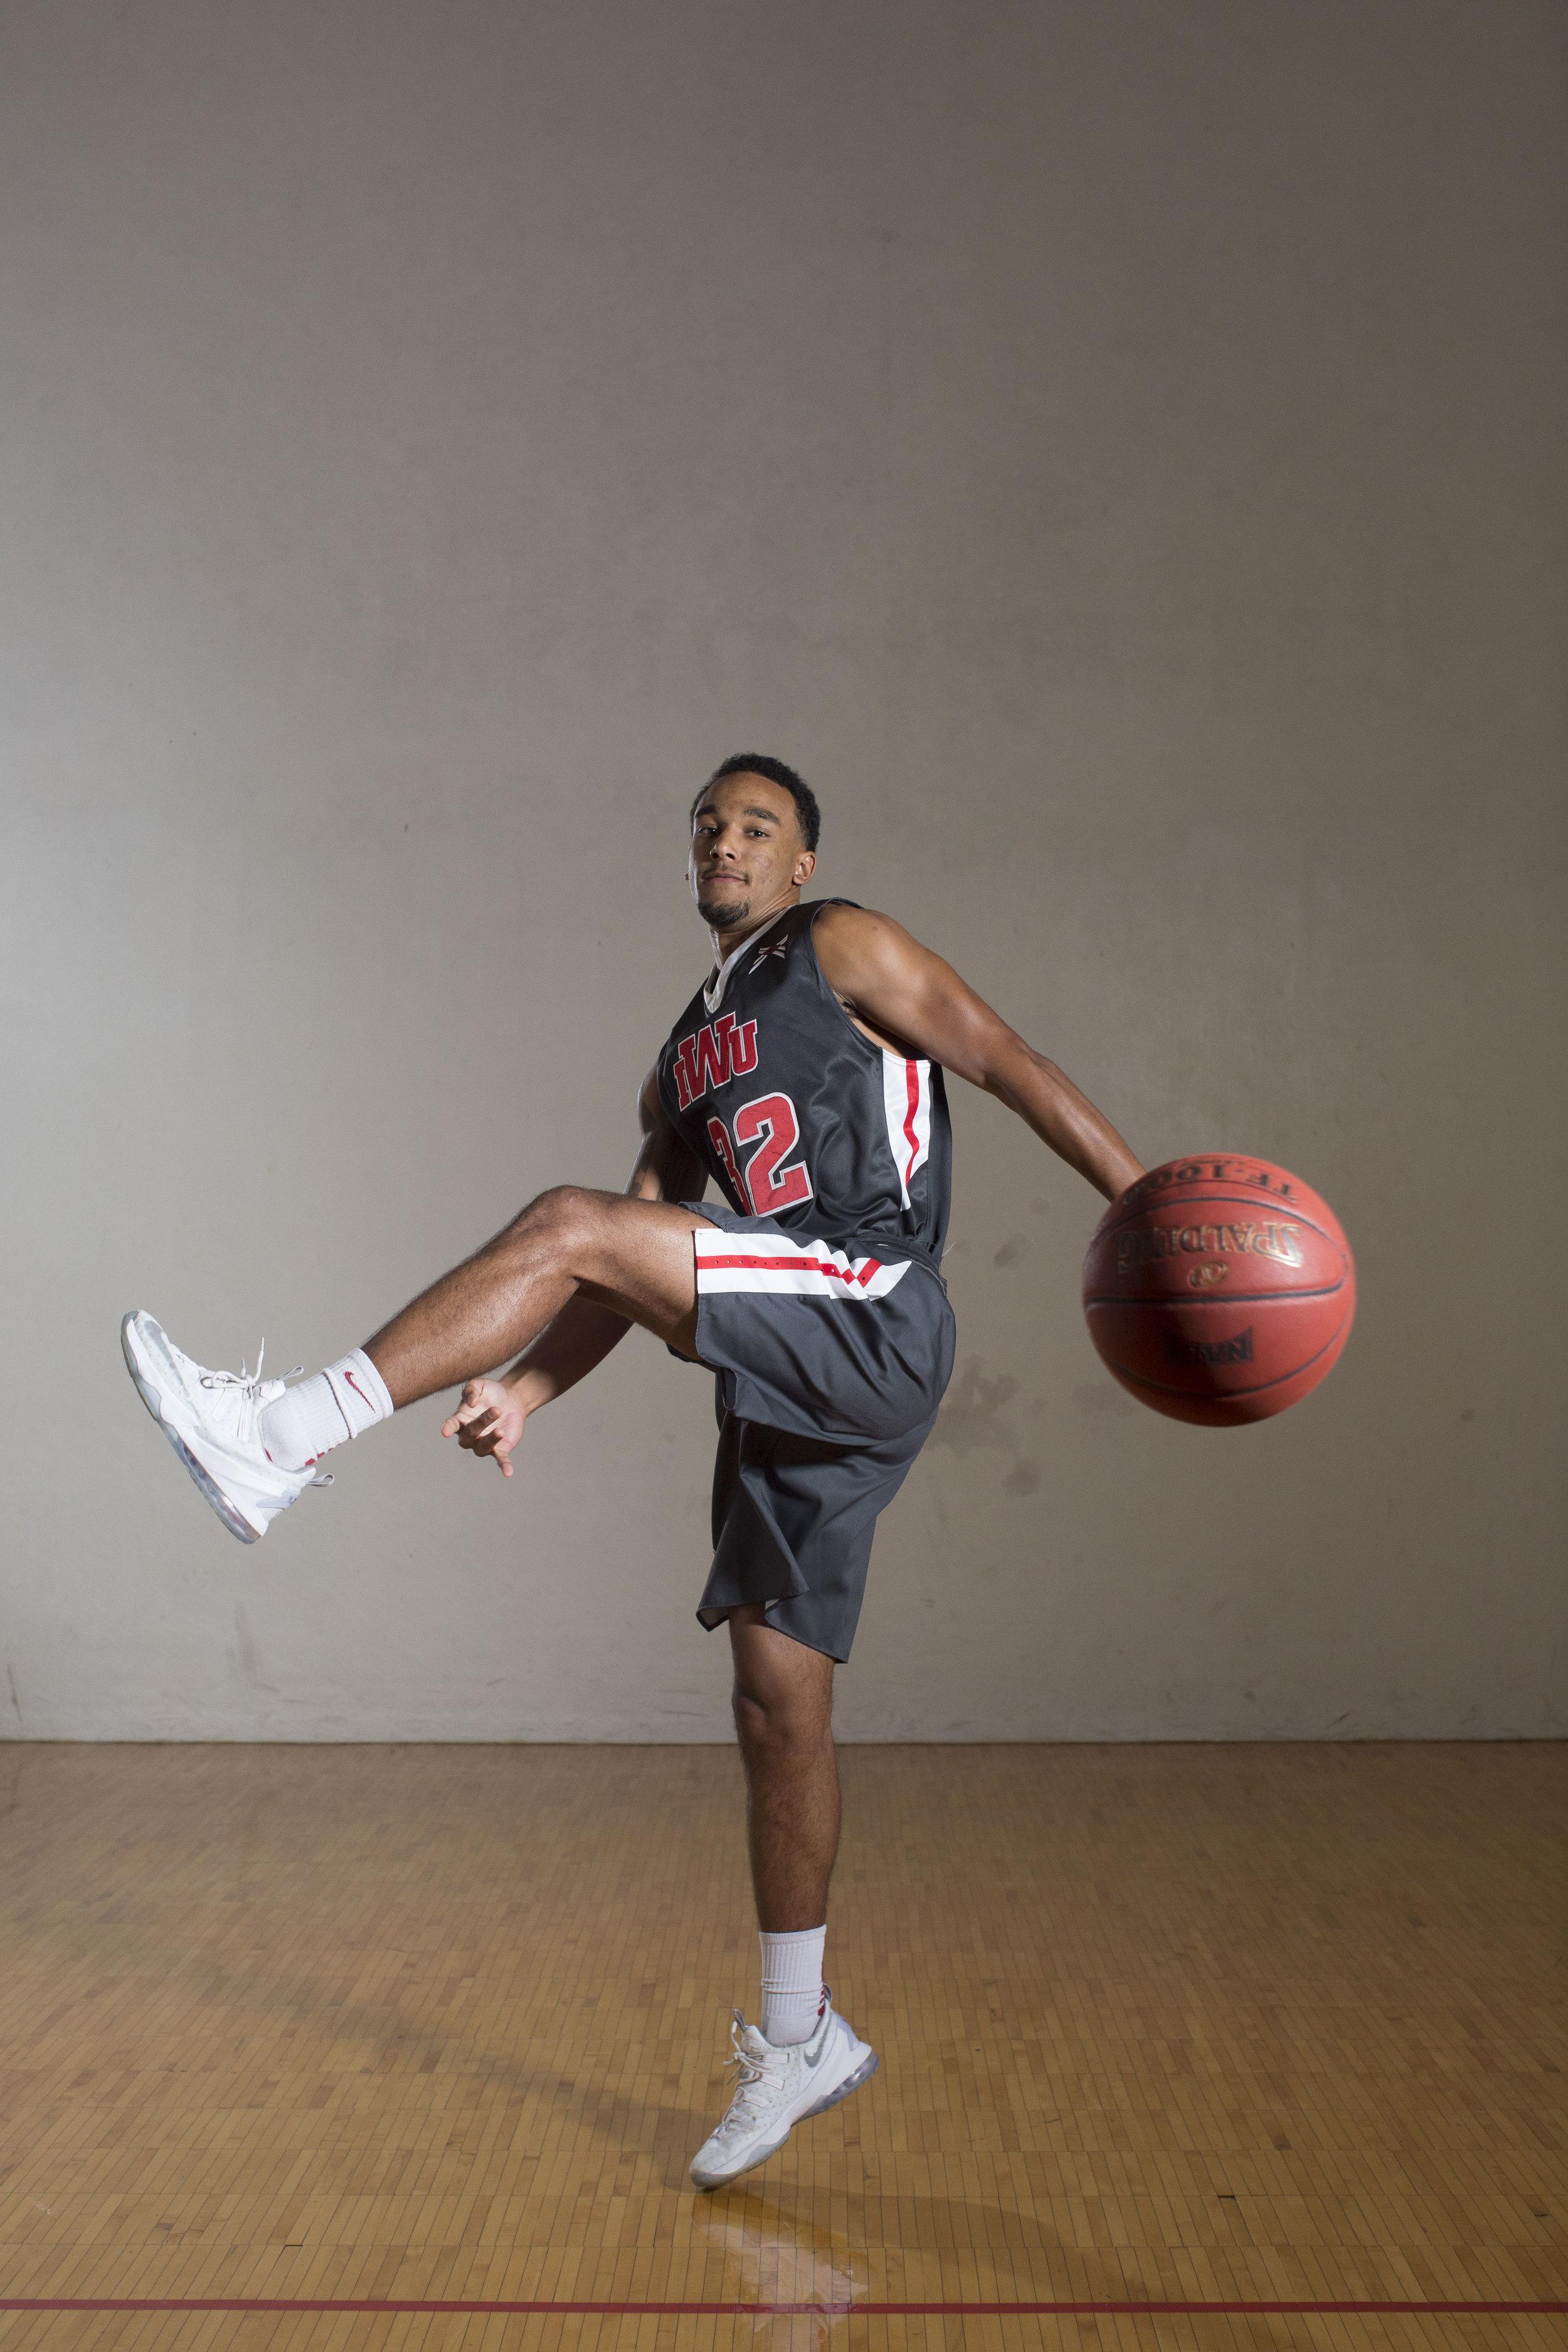 Men's Basketball_78.jpg